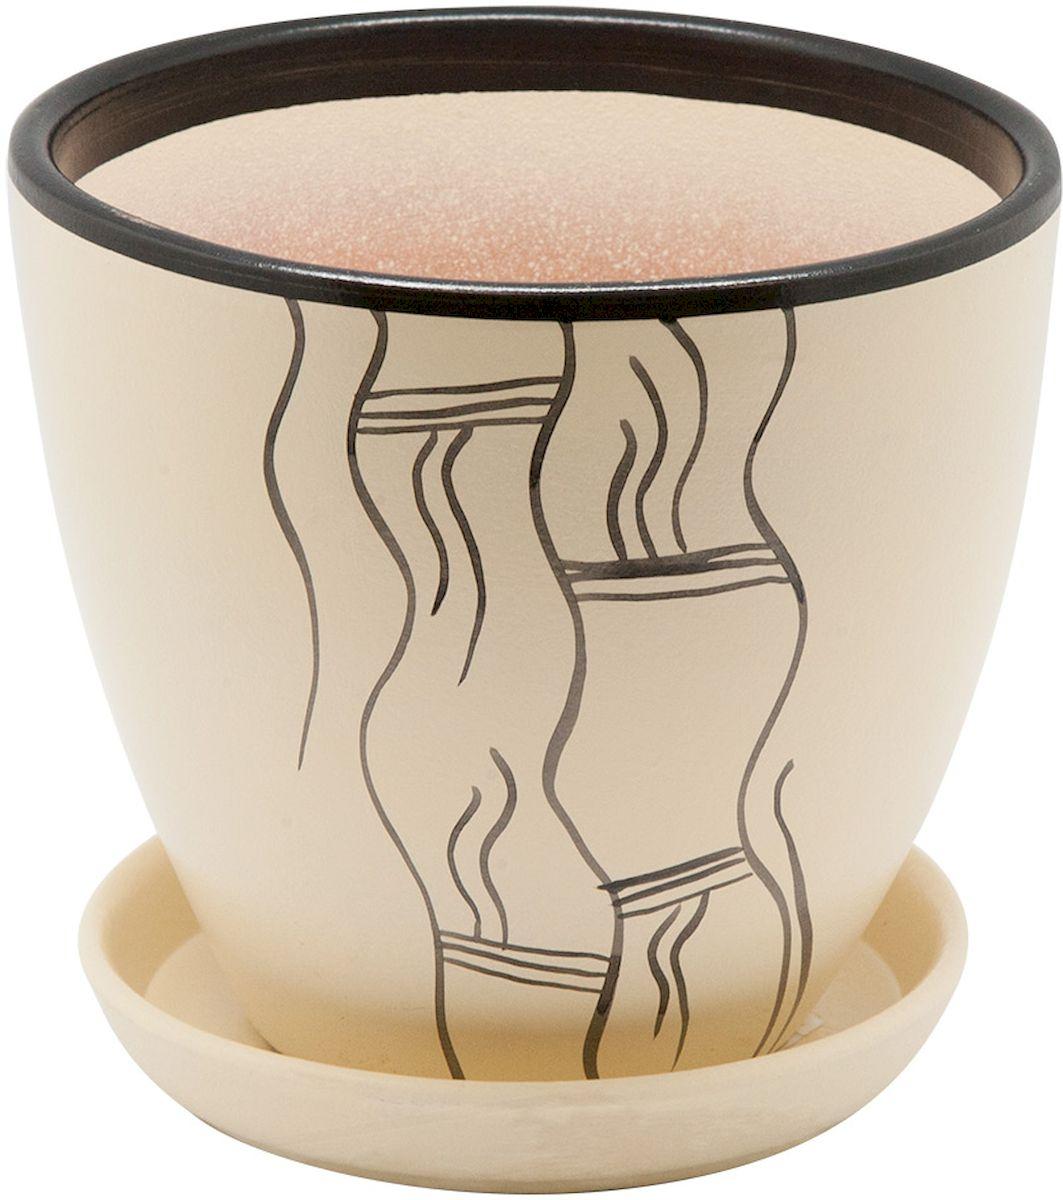 Горшок цветочный Engard, с поддоном, цвет: бежевый, 2,4 л. BH-17-2BH-17-2Керамический горшок Engard - это идеальное решение для выращивания комнатных растений и создания изысканности в интерьере. Керамический горшок сделан из высококачественной глины в классической форме и оригинальном дизайне.Объем: 2,4 л.